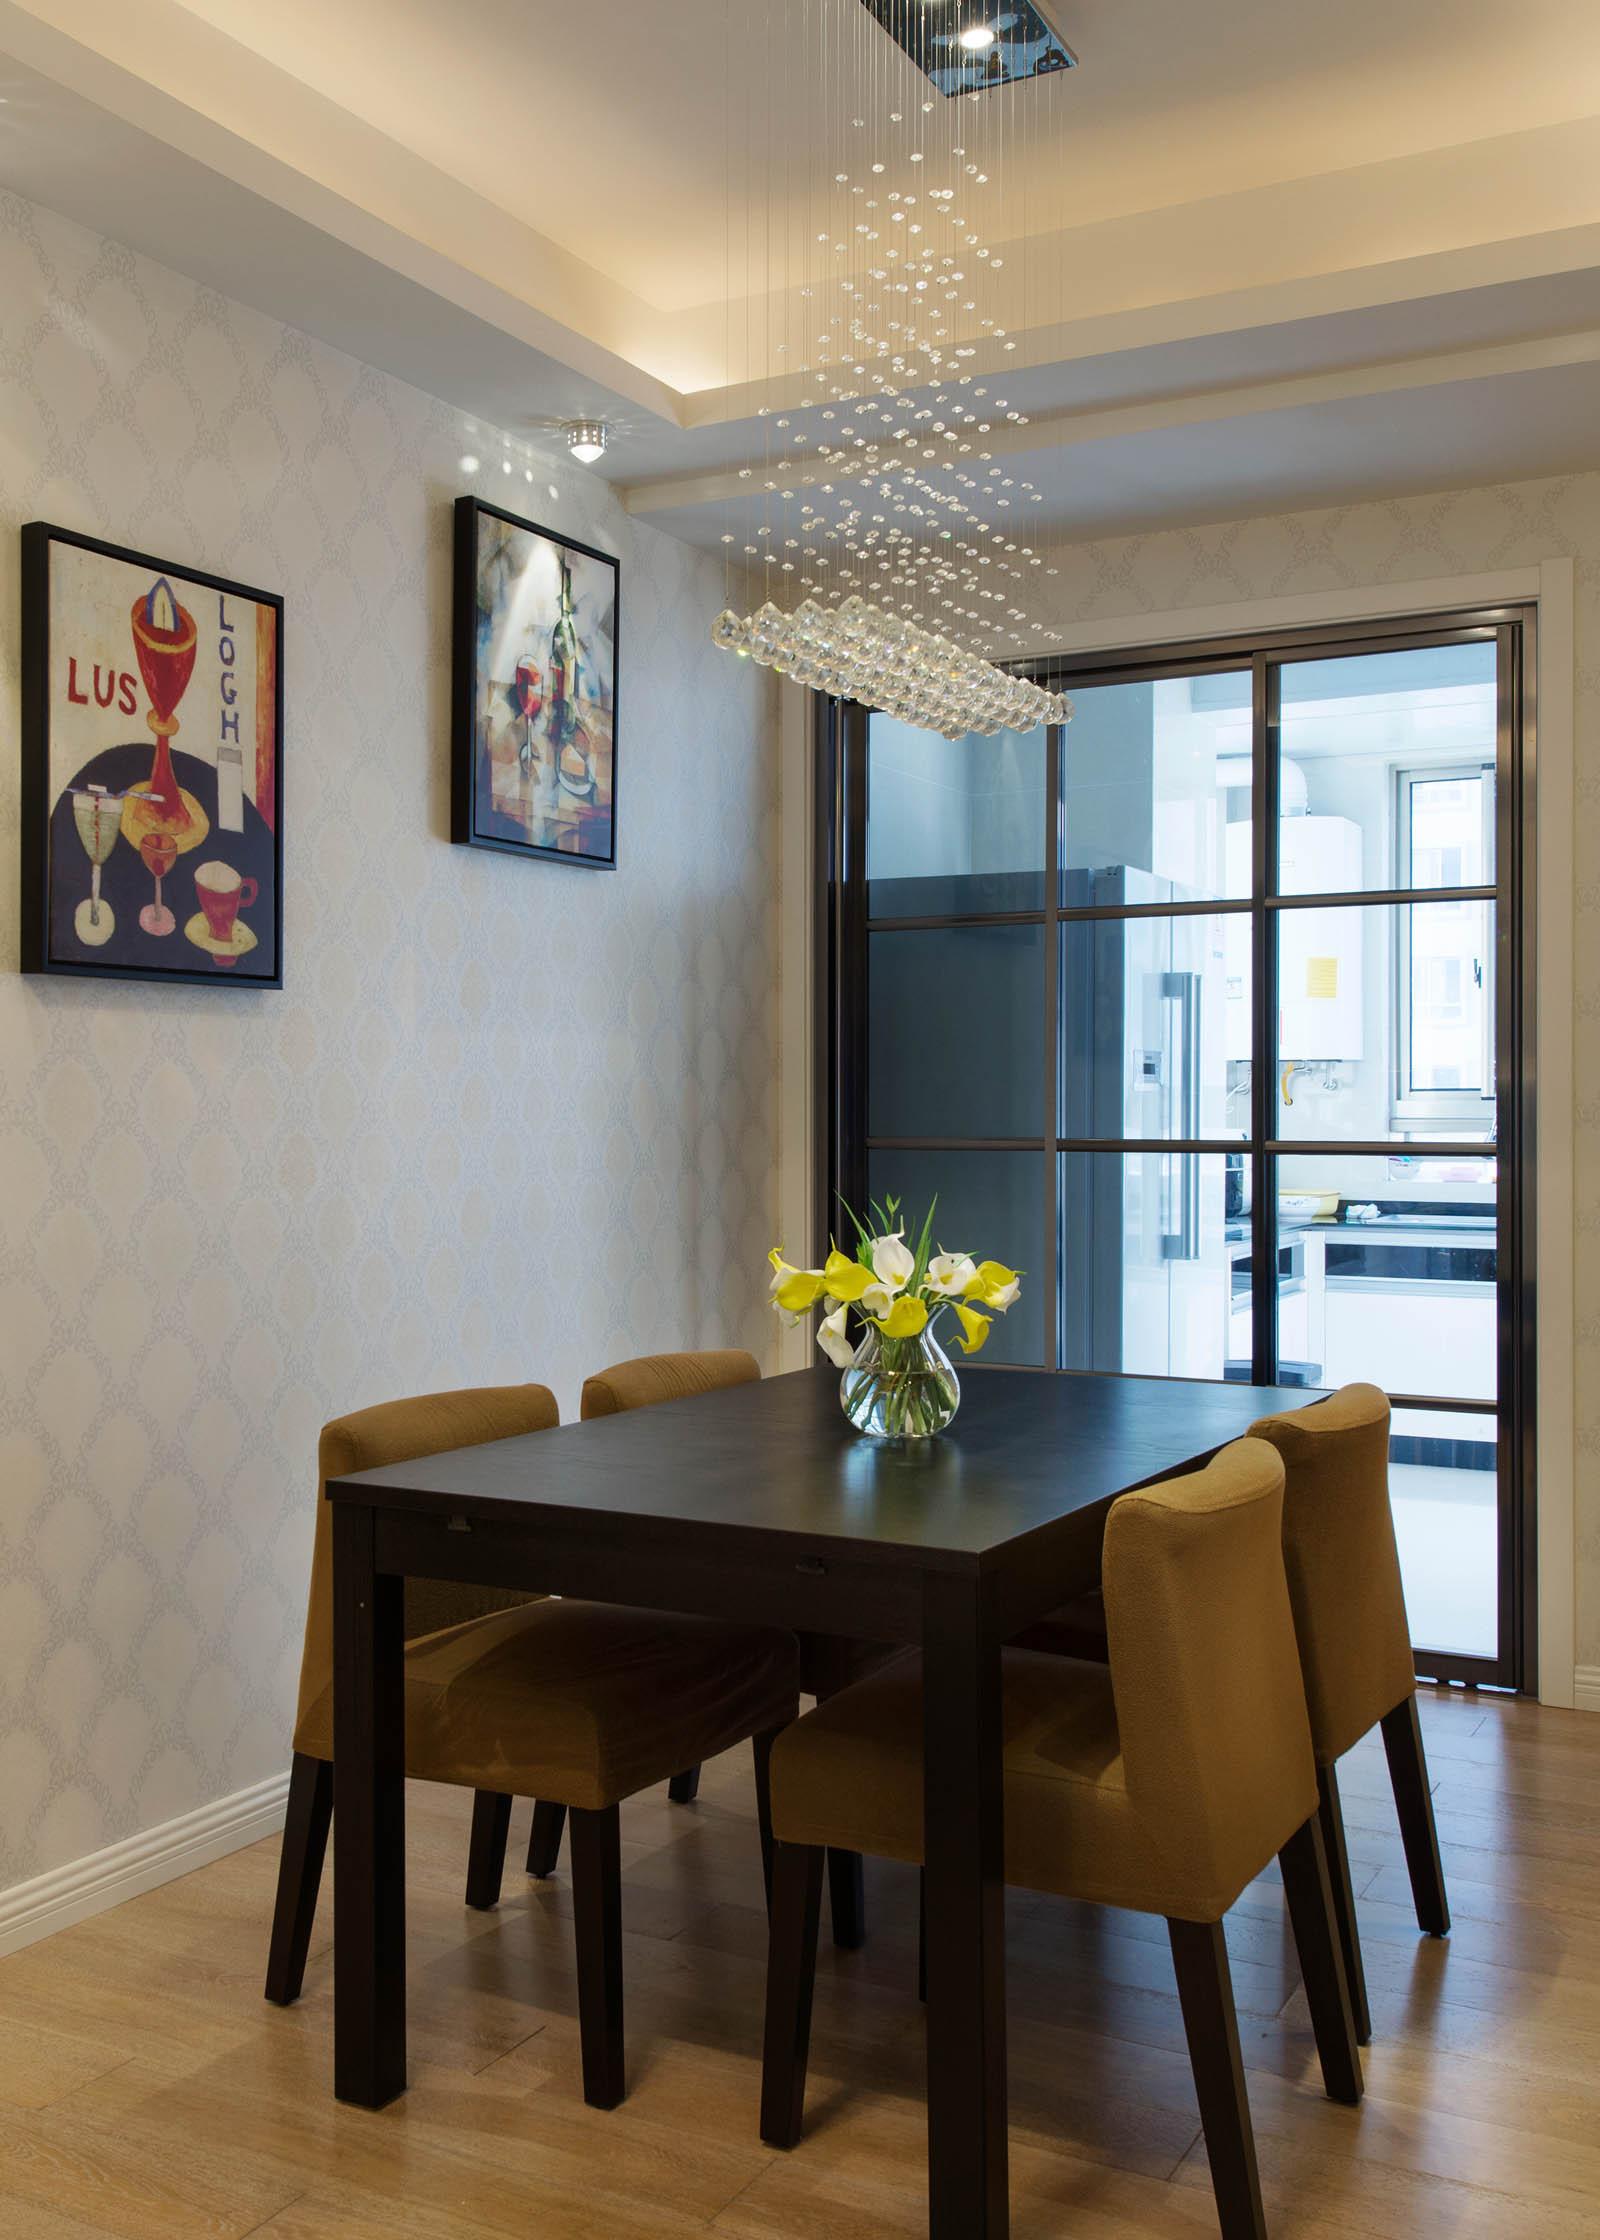 二居室现代简约家餐桌椅图片